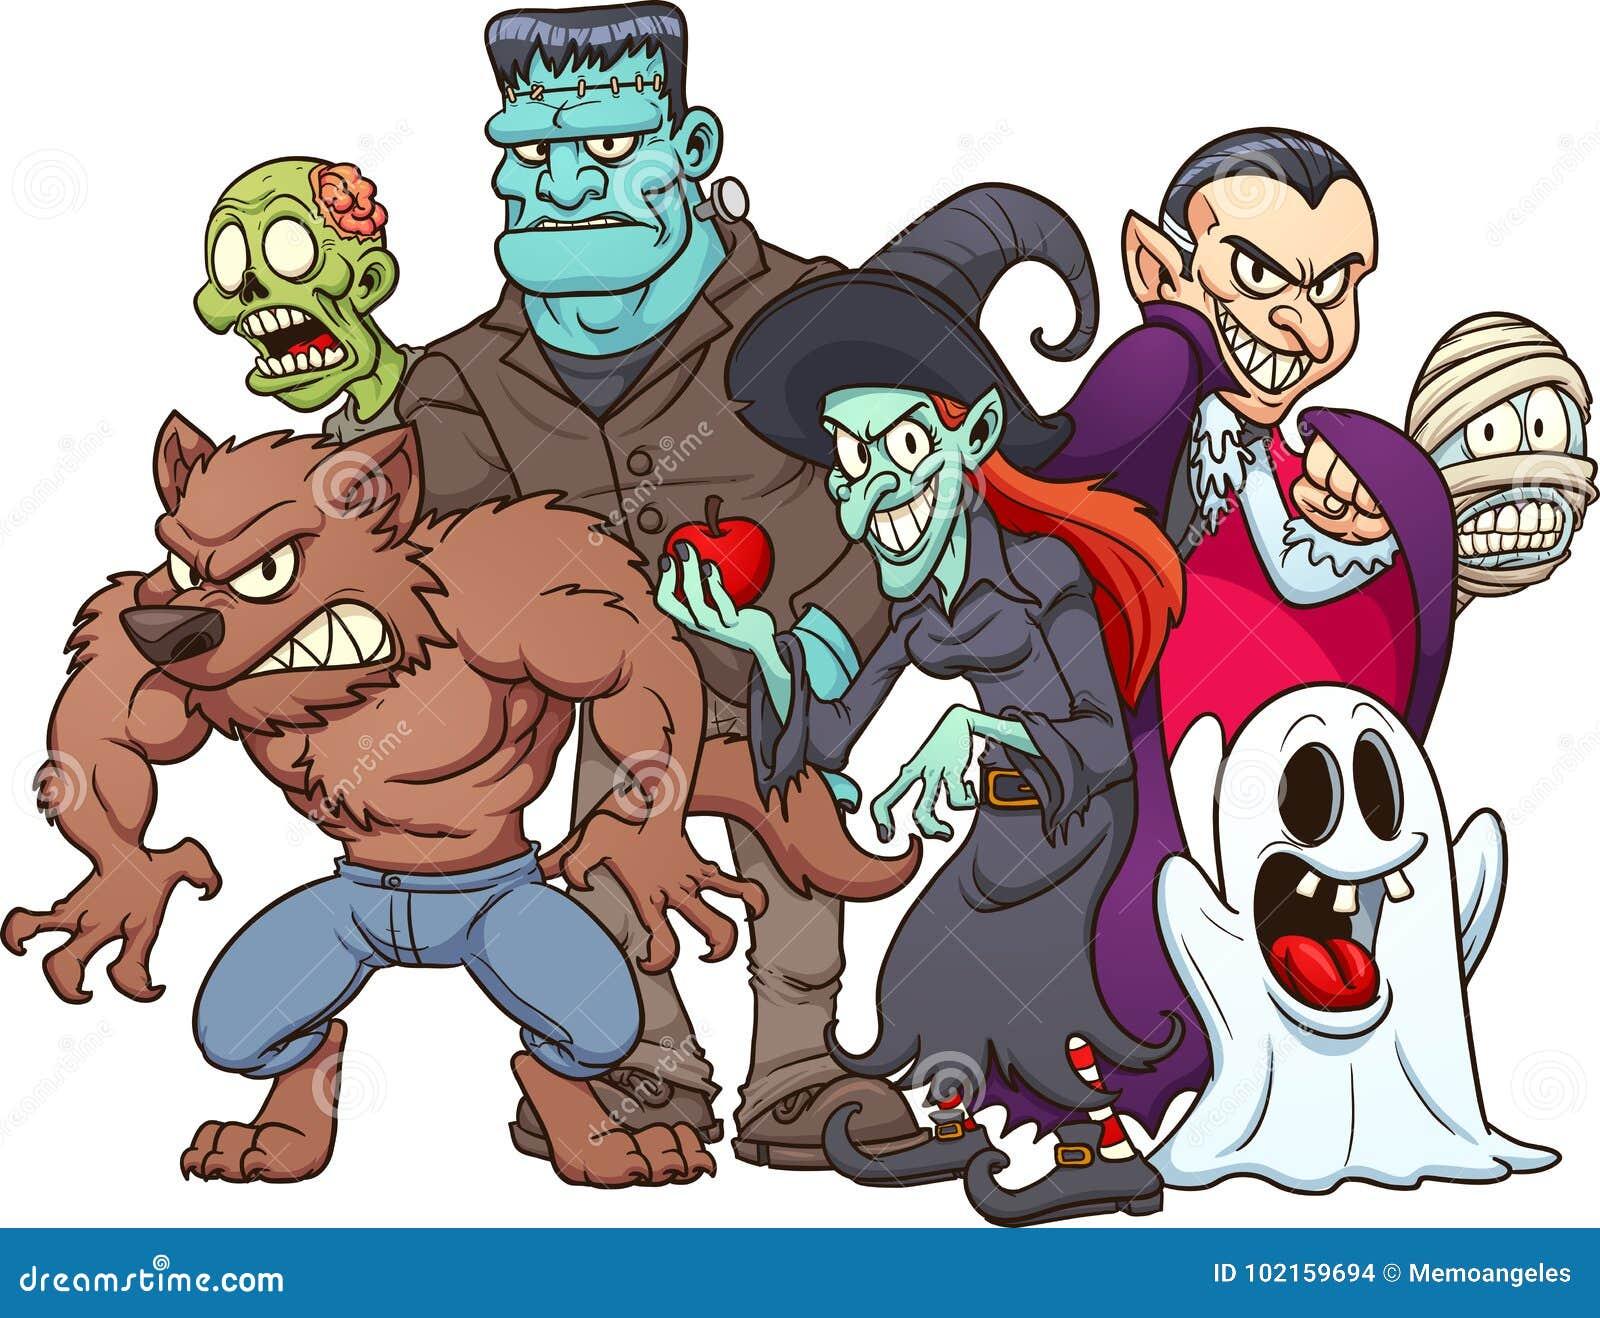 Halloween Monsters Stock Vector Illustration Of Gradient 102159694